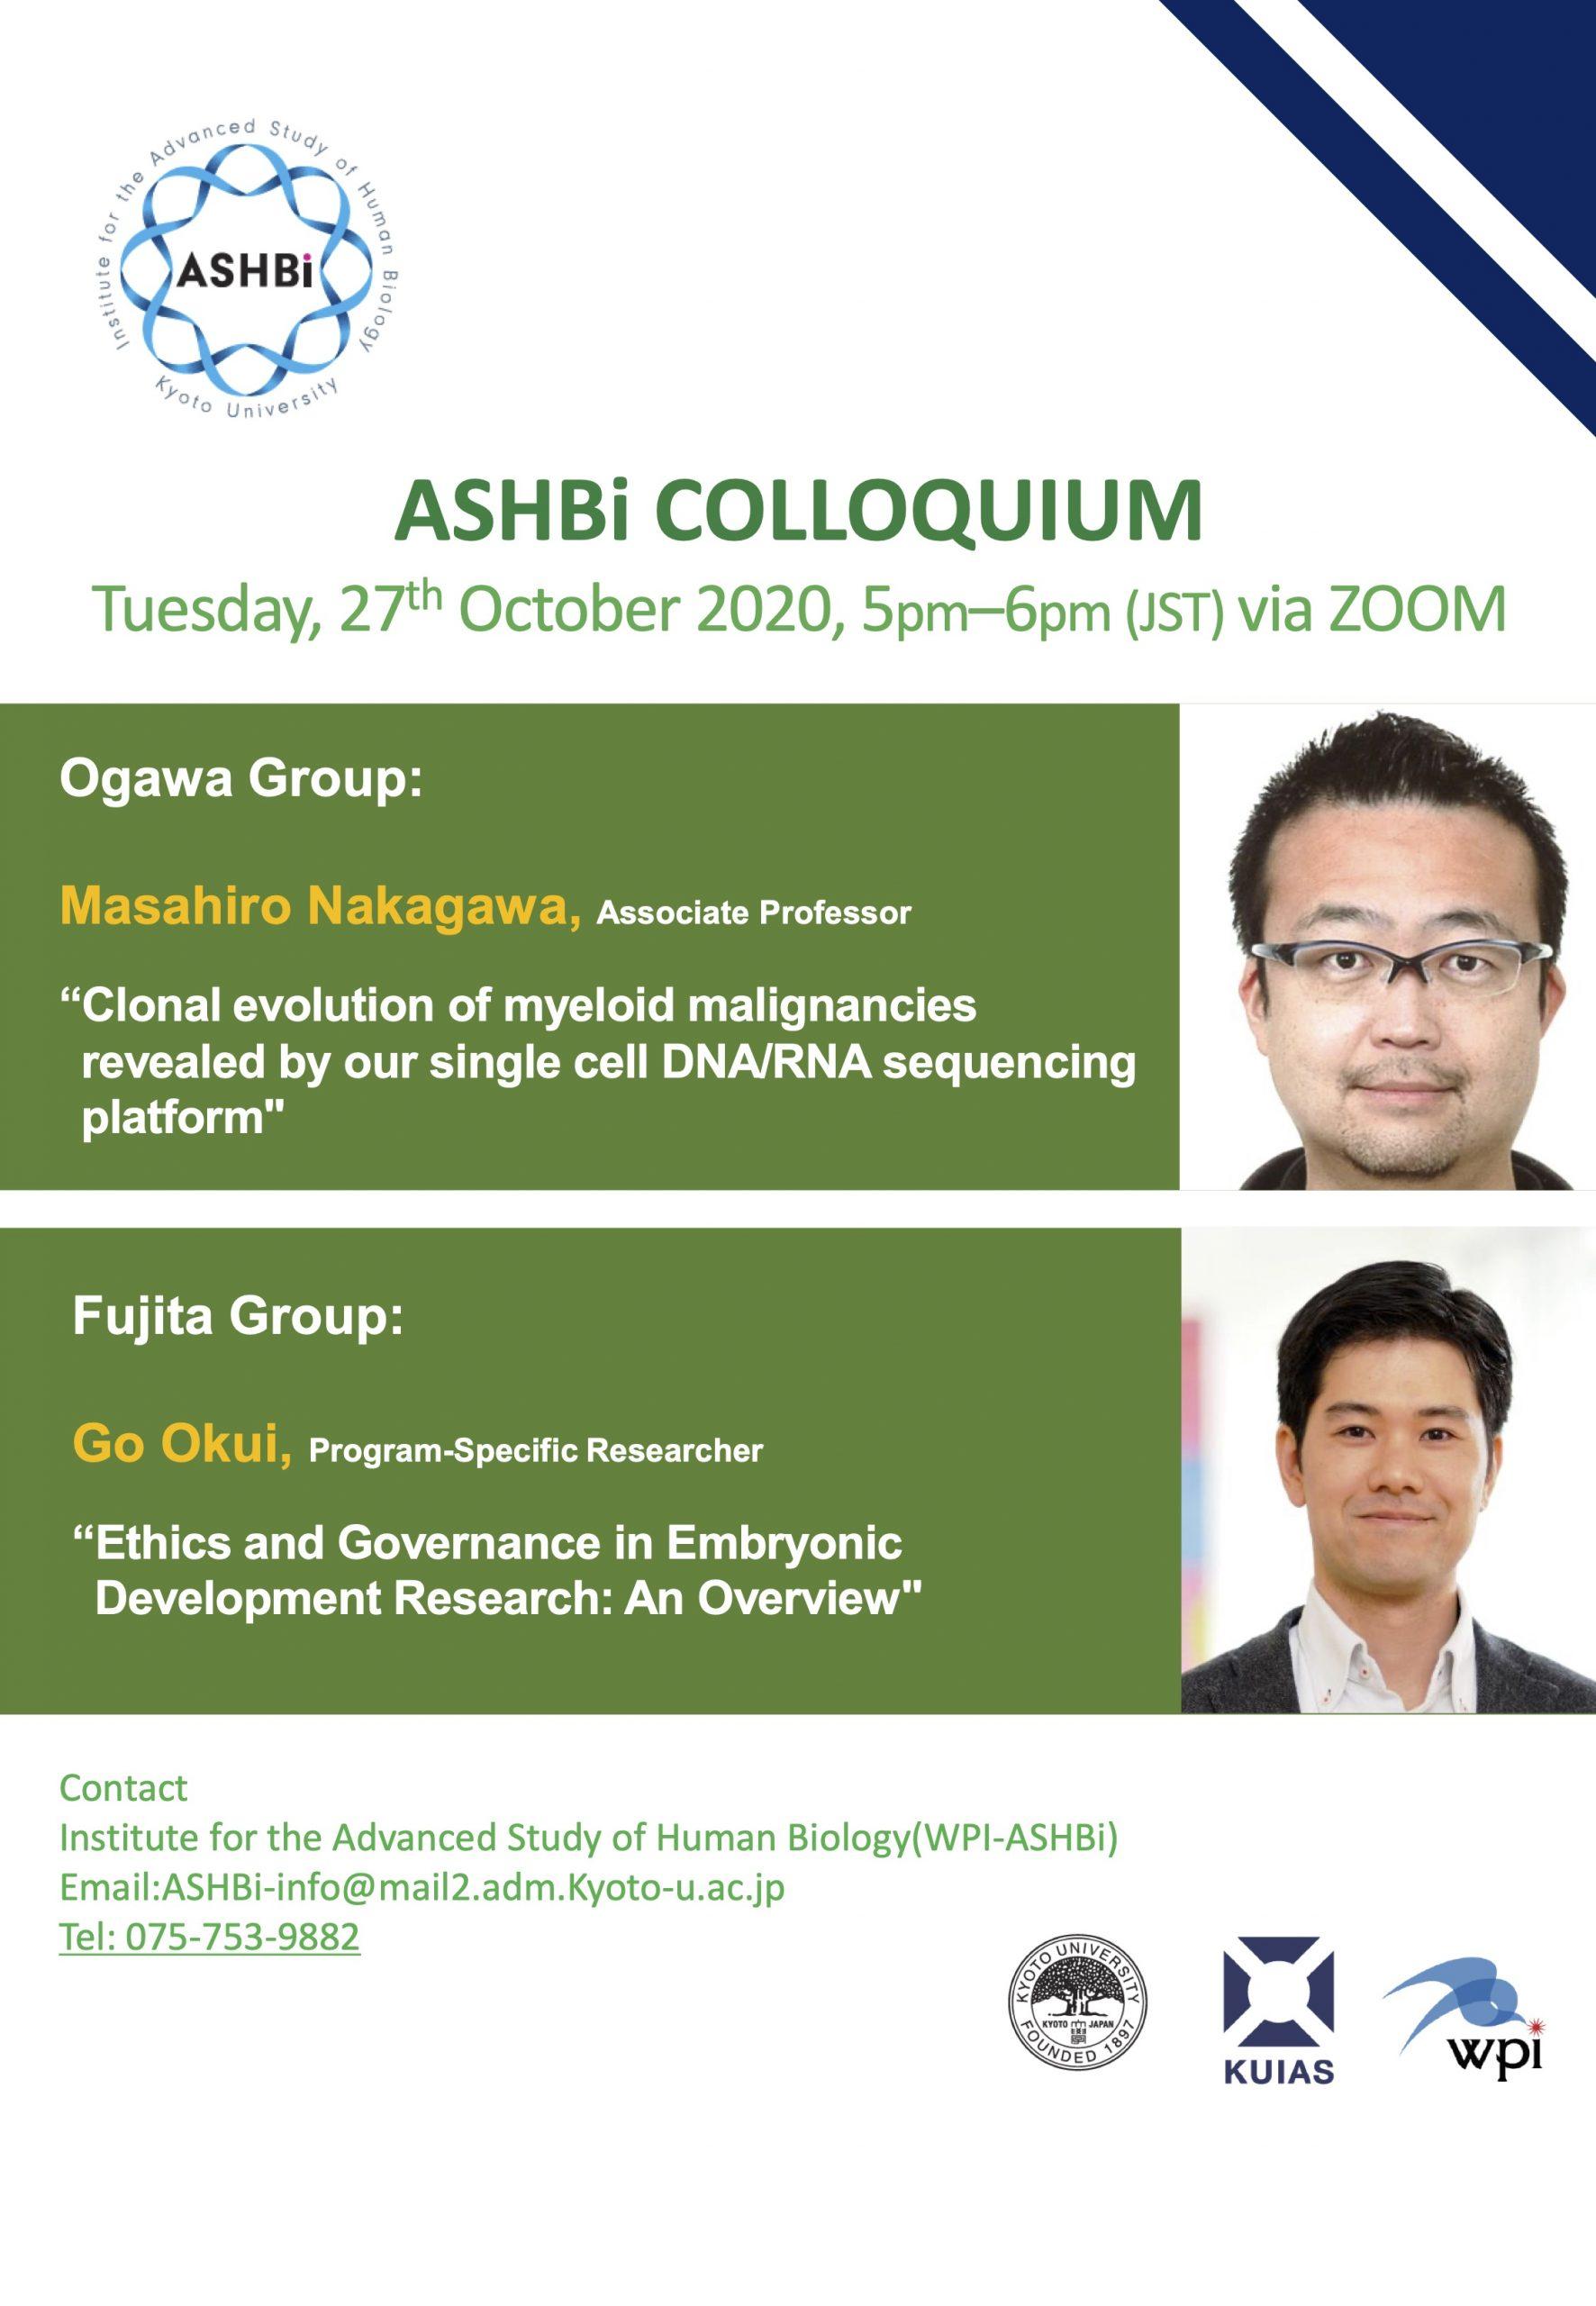 第11回 ASHBi Colloquium (小川グループ、藤田グループ)